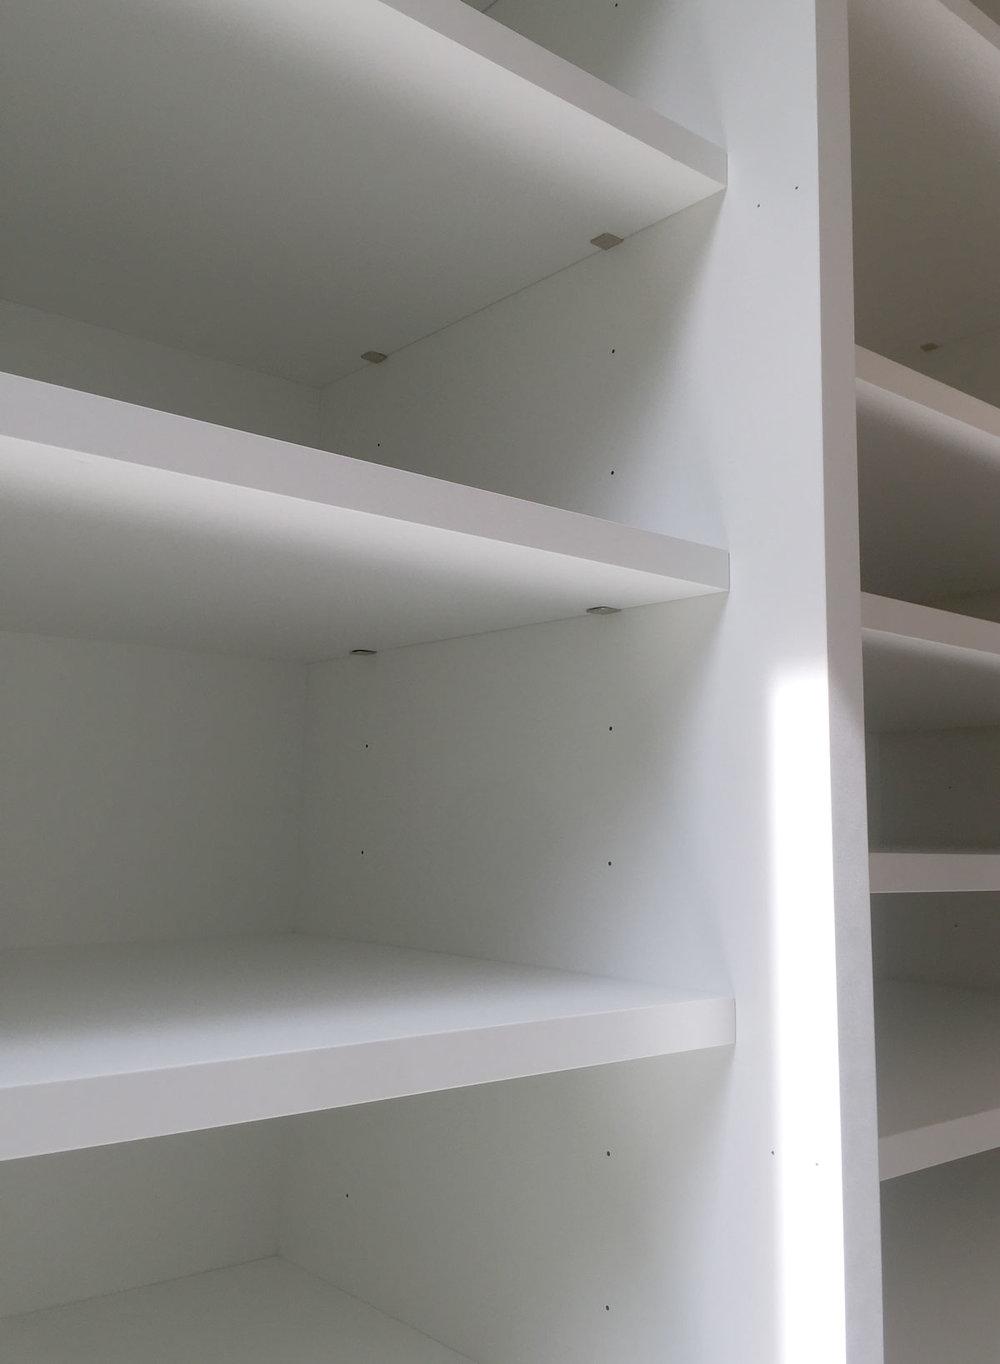 Afbeelding van minimalistische design plankdragers in een kast.